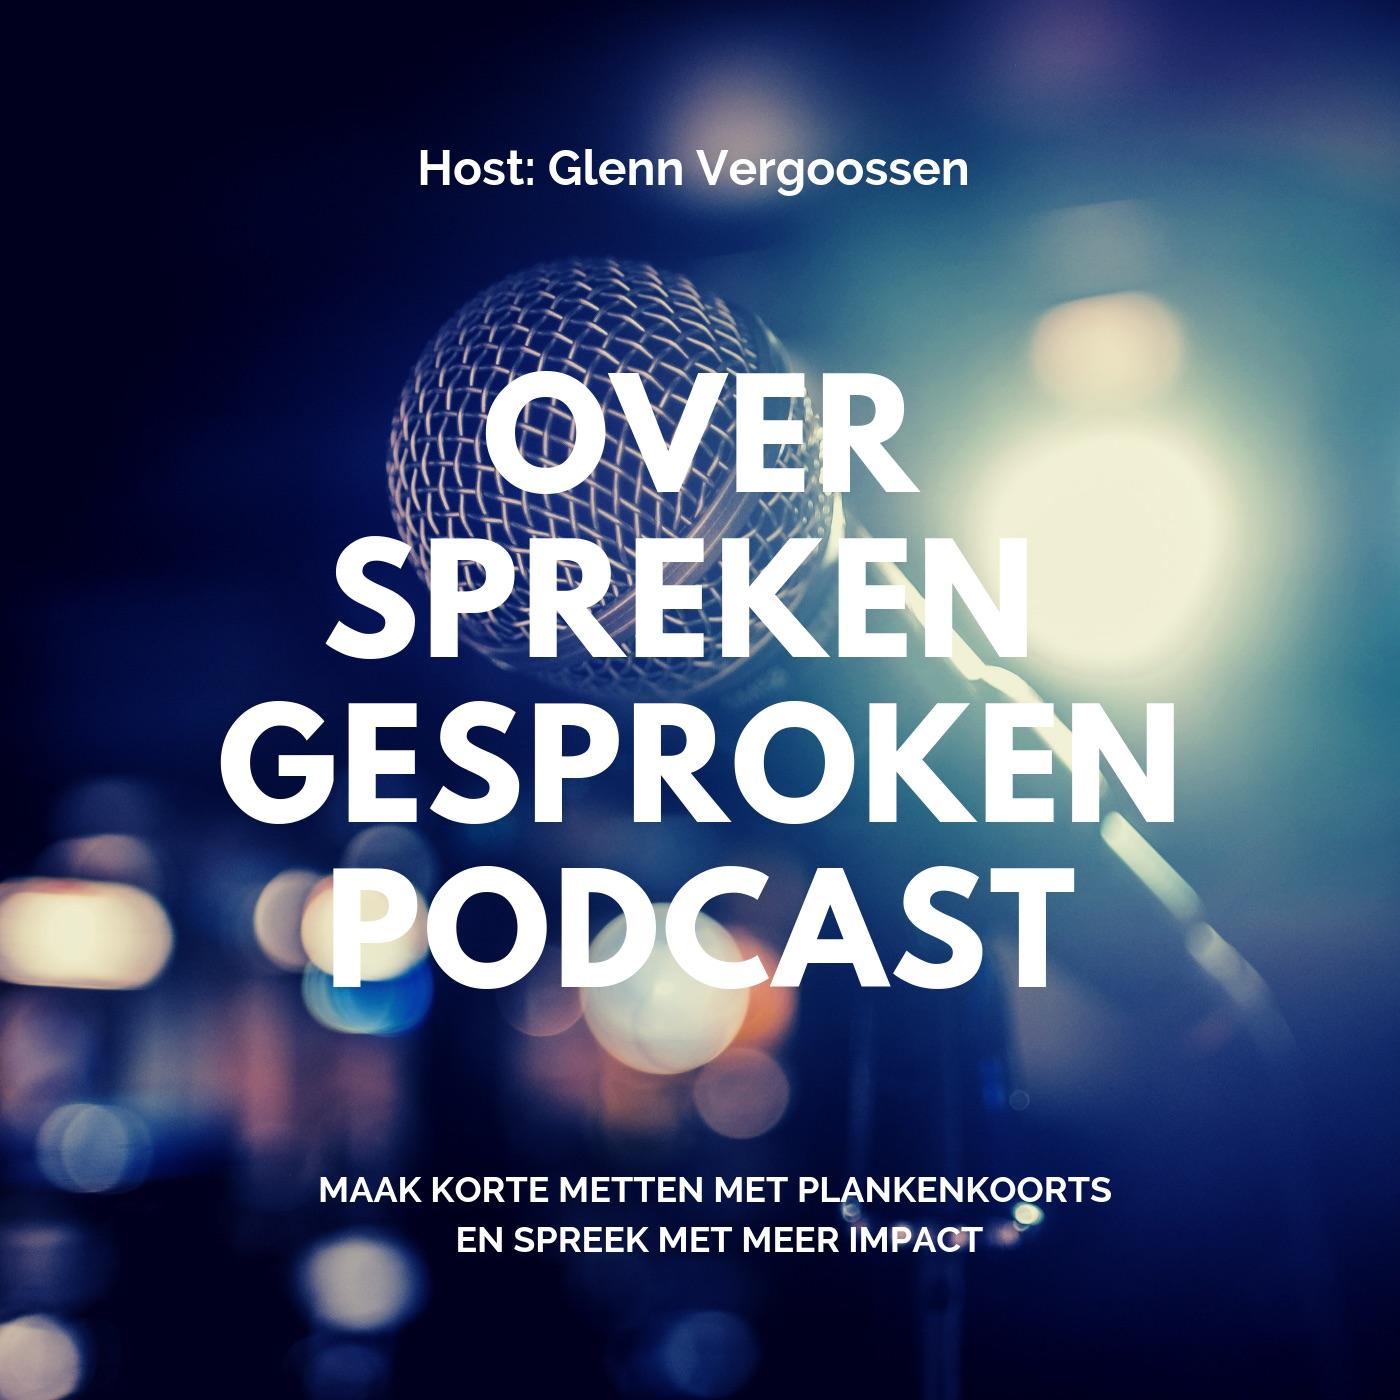 Over Spreken Gesproken Podcast logo